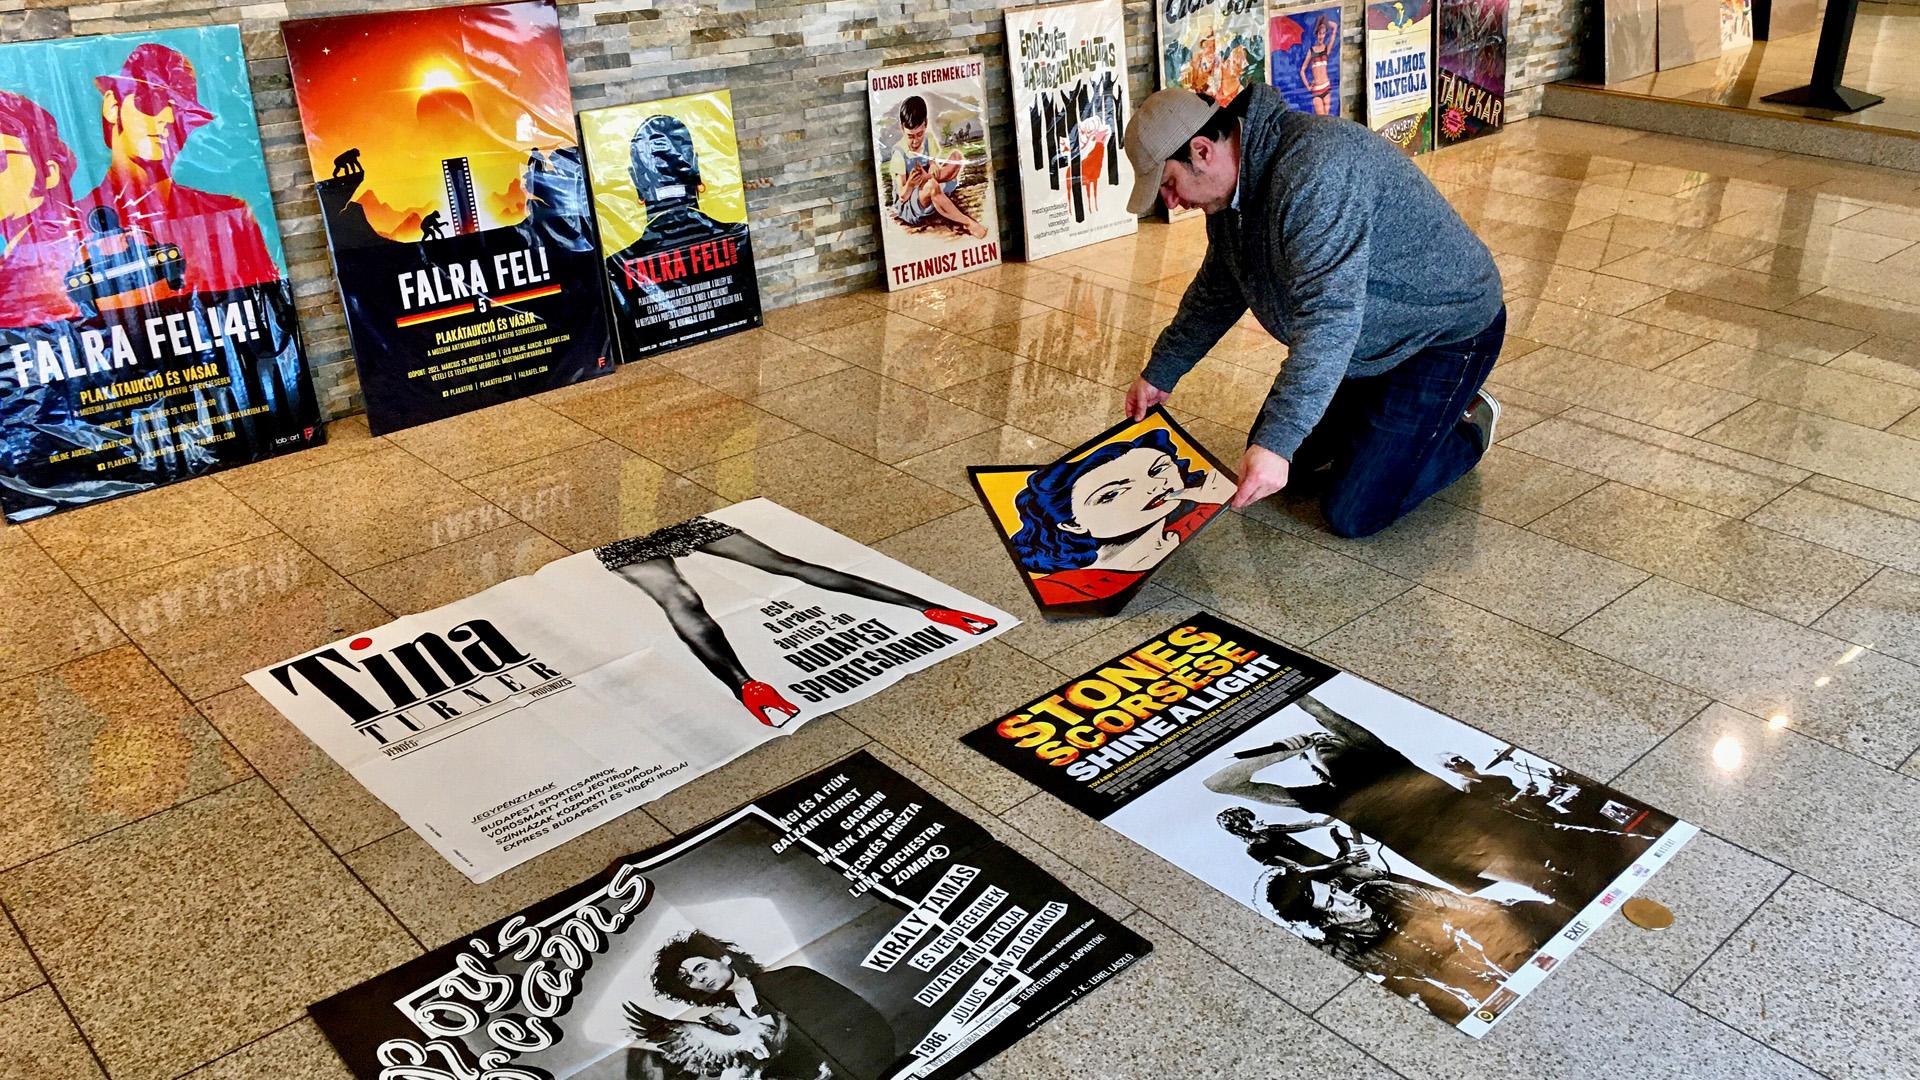 Ötödször kerül sor a Falra fel! plakátaukcióra